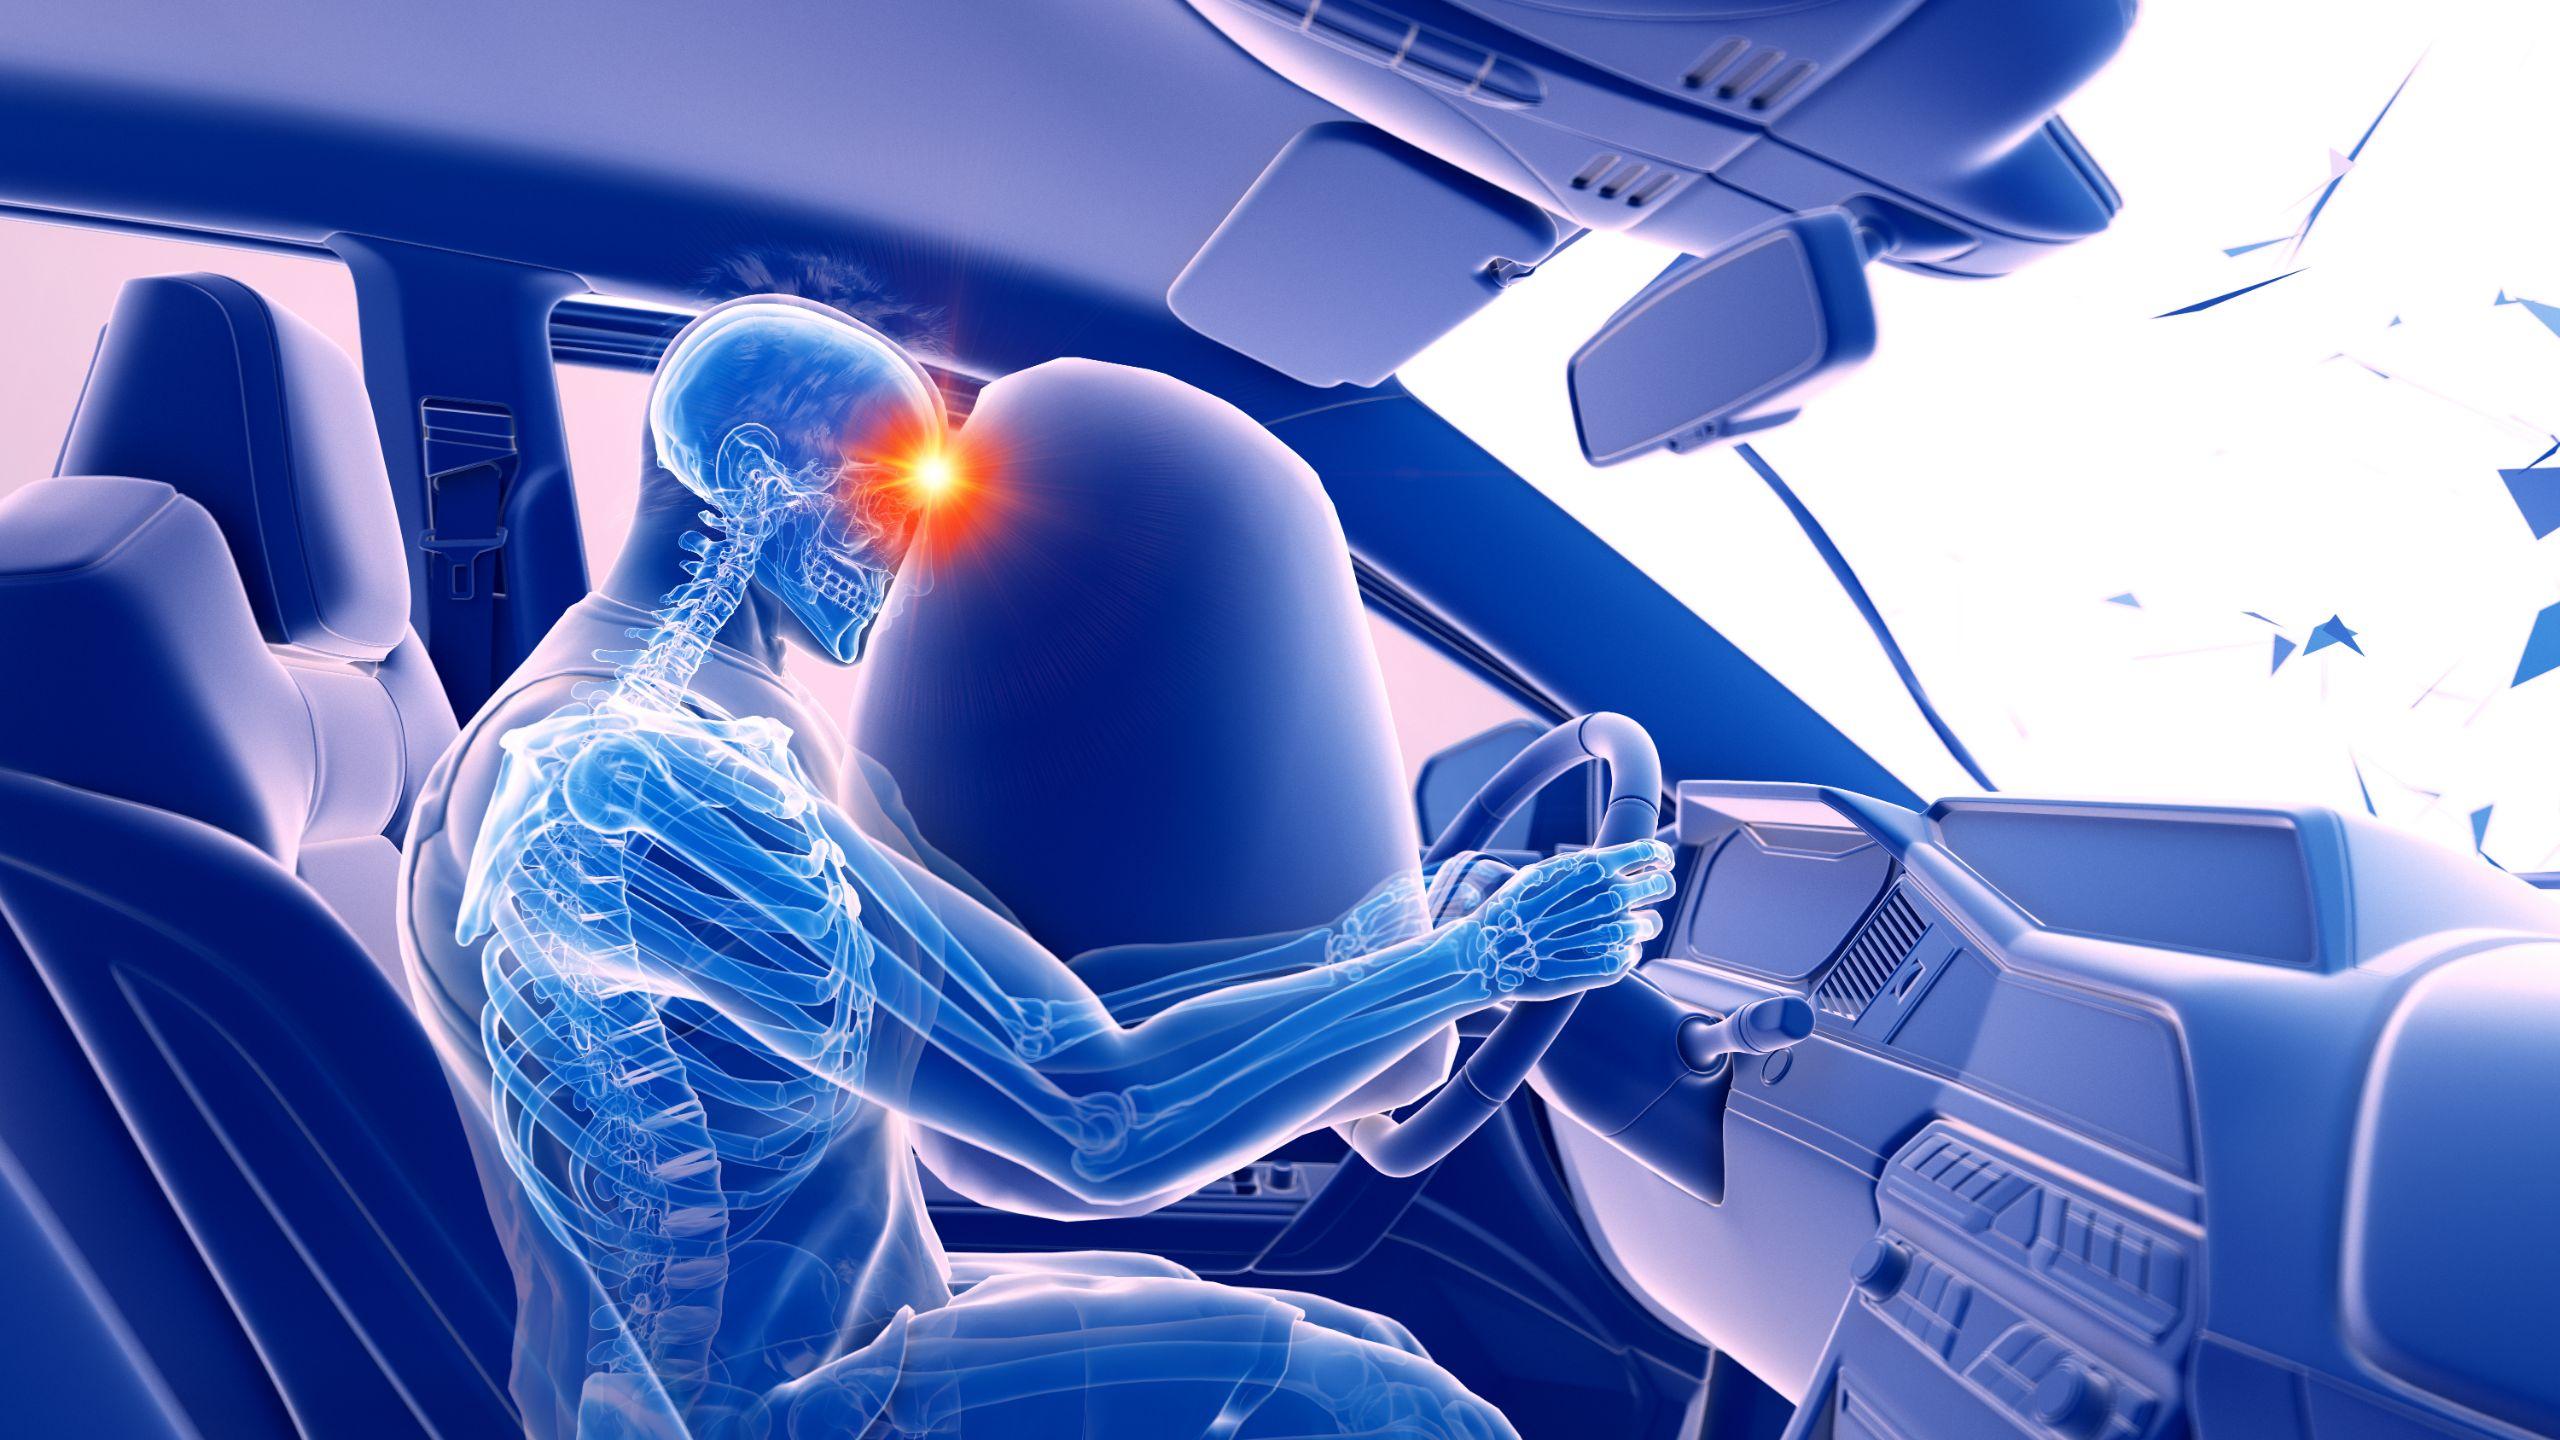 airbag estourado inflado shutterstock